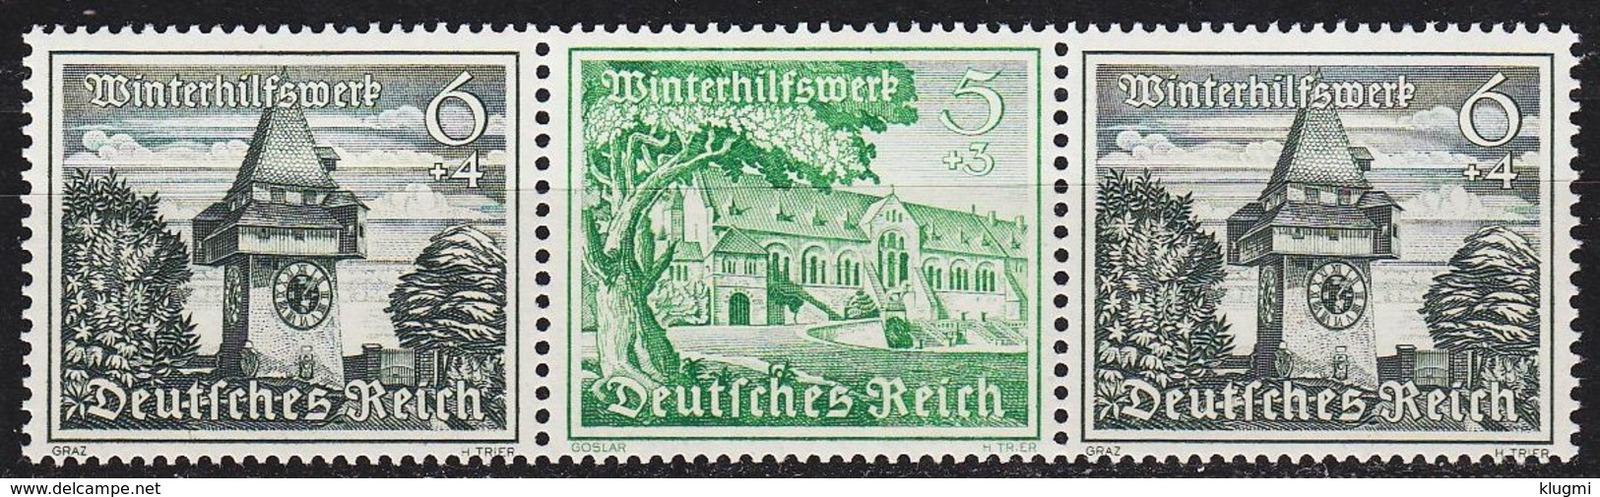 Germany mi w137